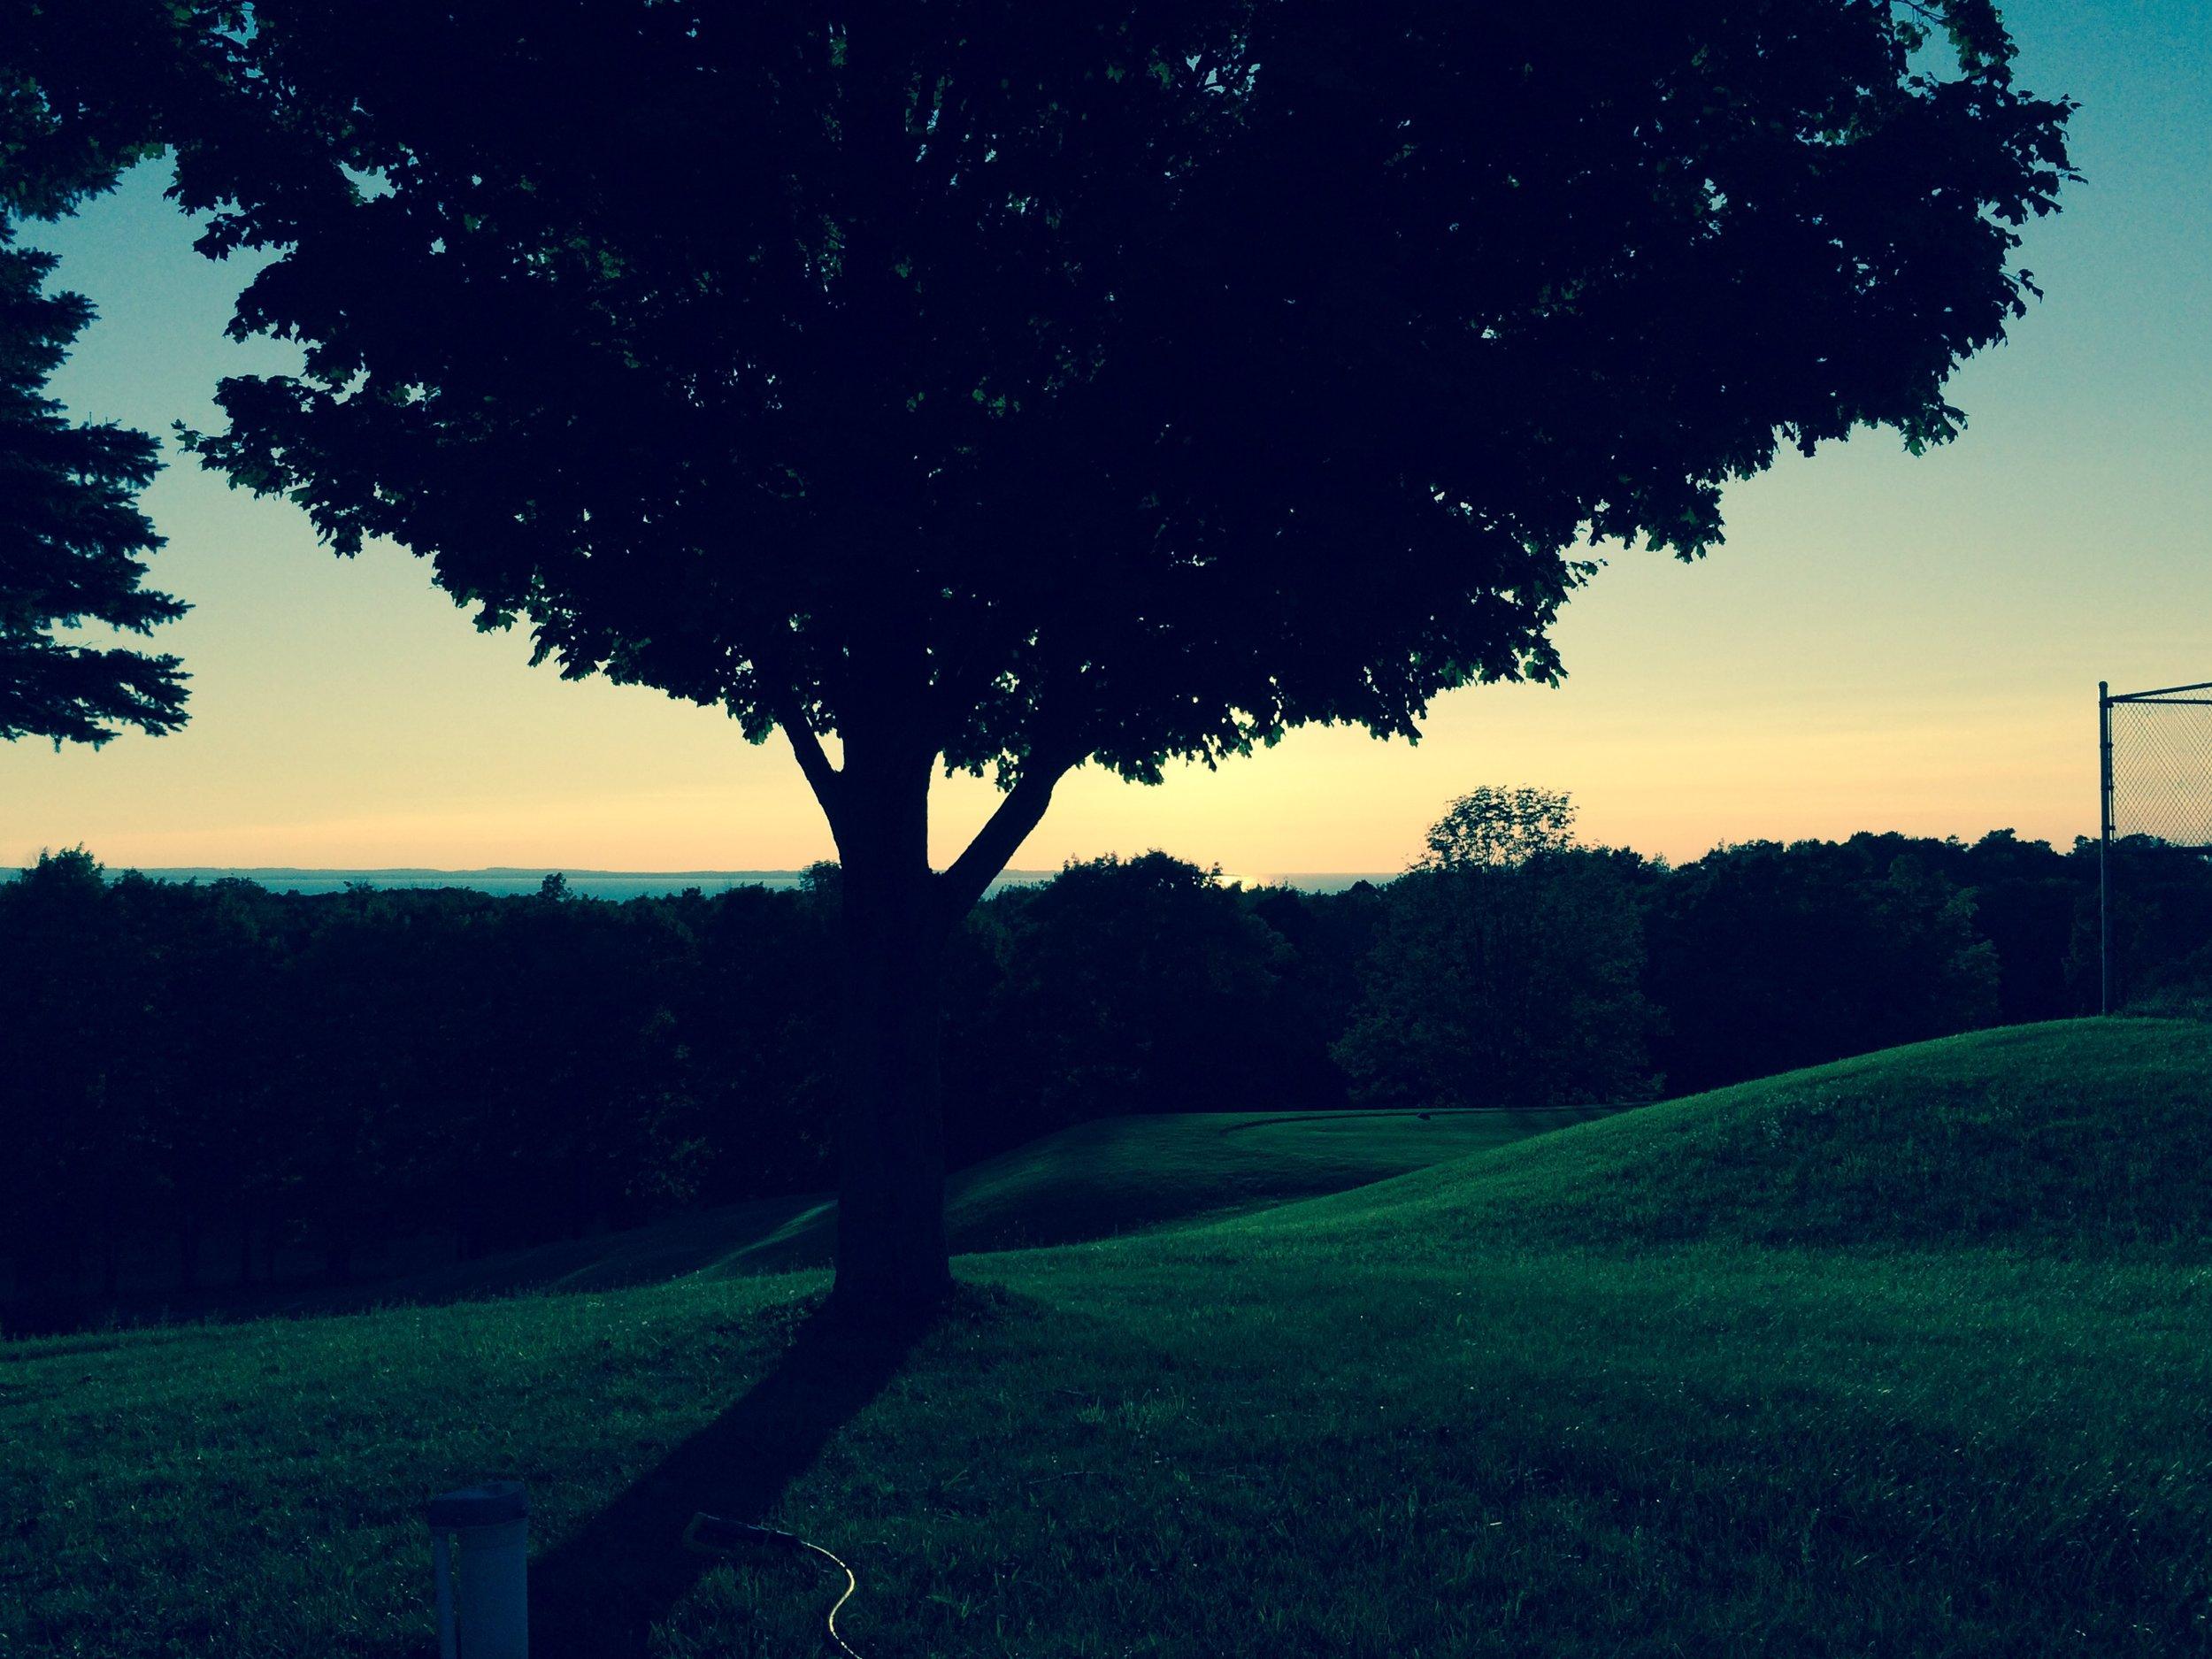 Morning stillness near Elsworth, MI